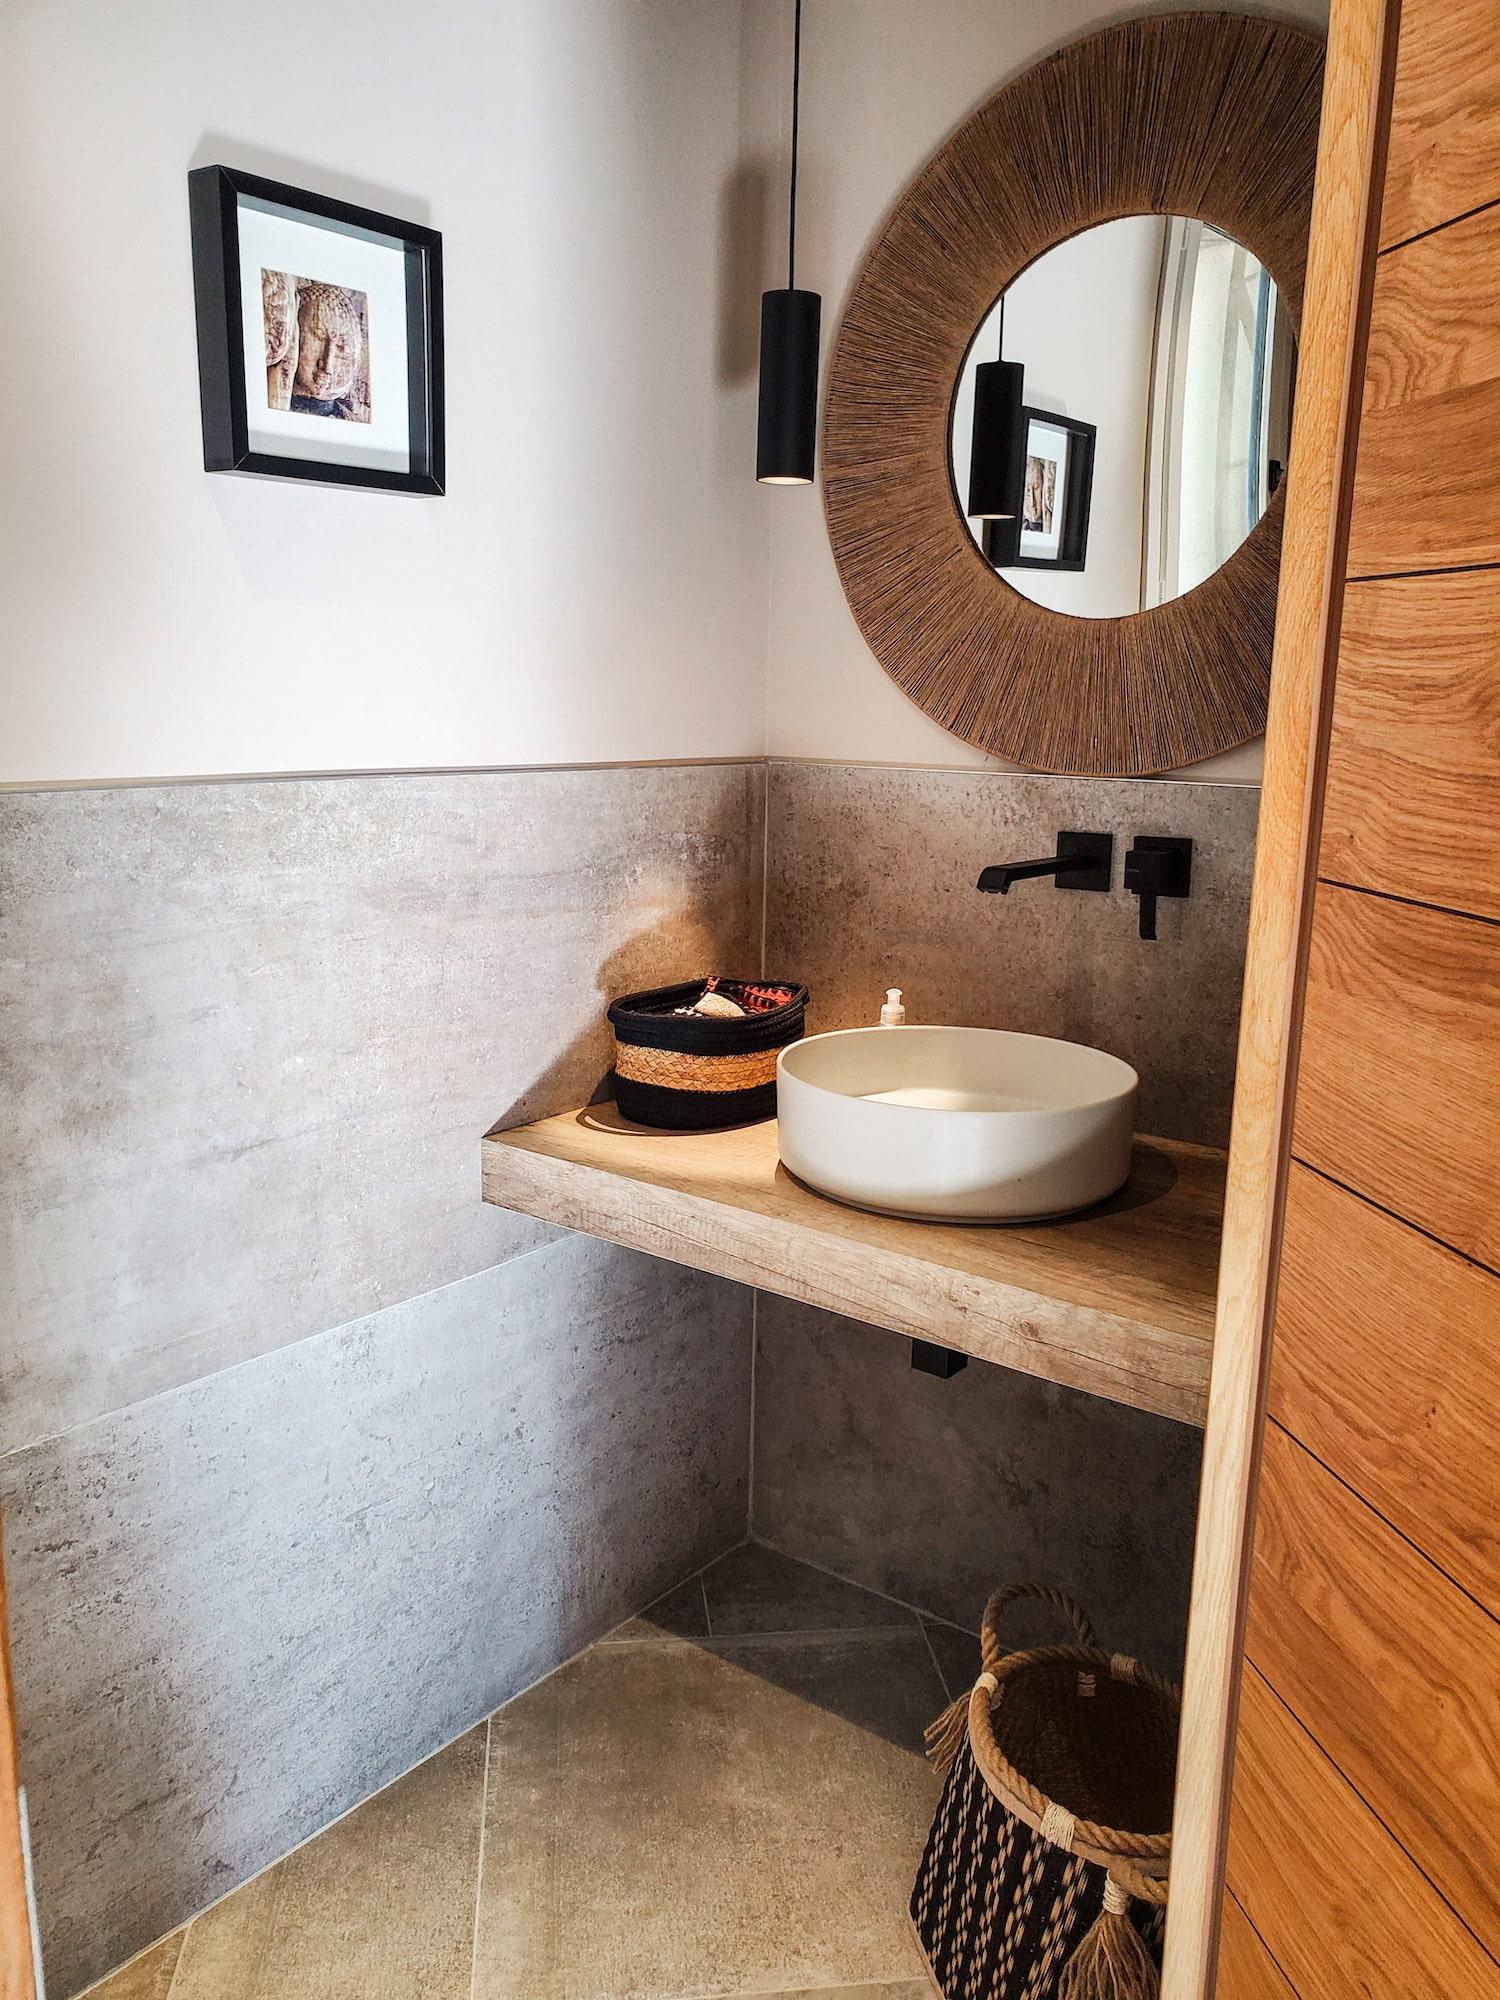 Rénovation Maison en Provence - La vasque des toilettes, by Christiansen Design, Architecte d'intérieur et Décorateur à Paris, Yvelines, Hauts de Seine, Provence